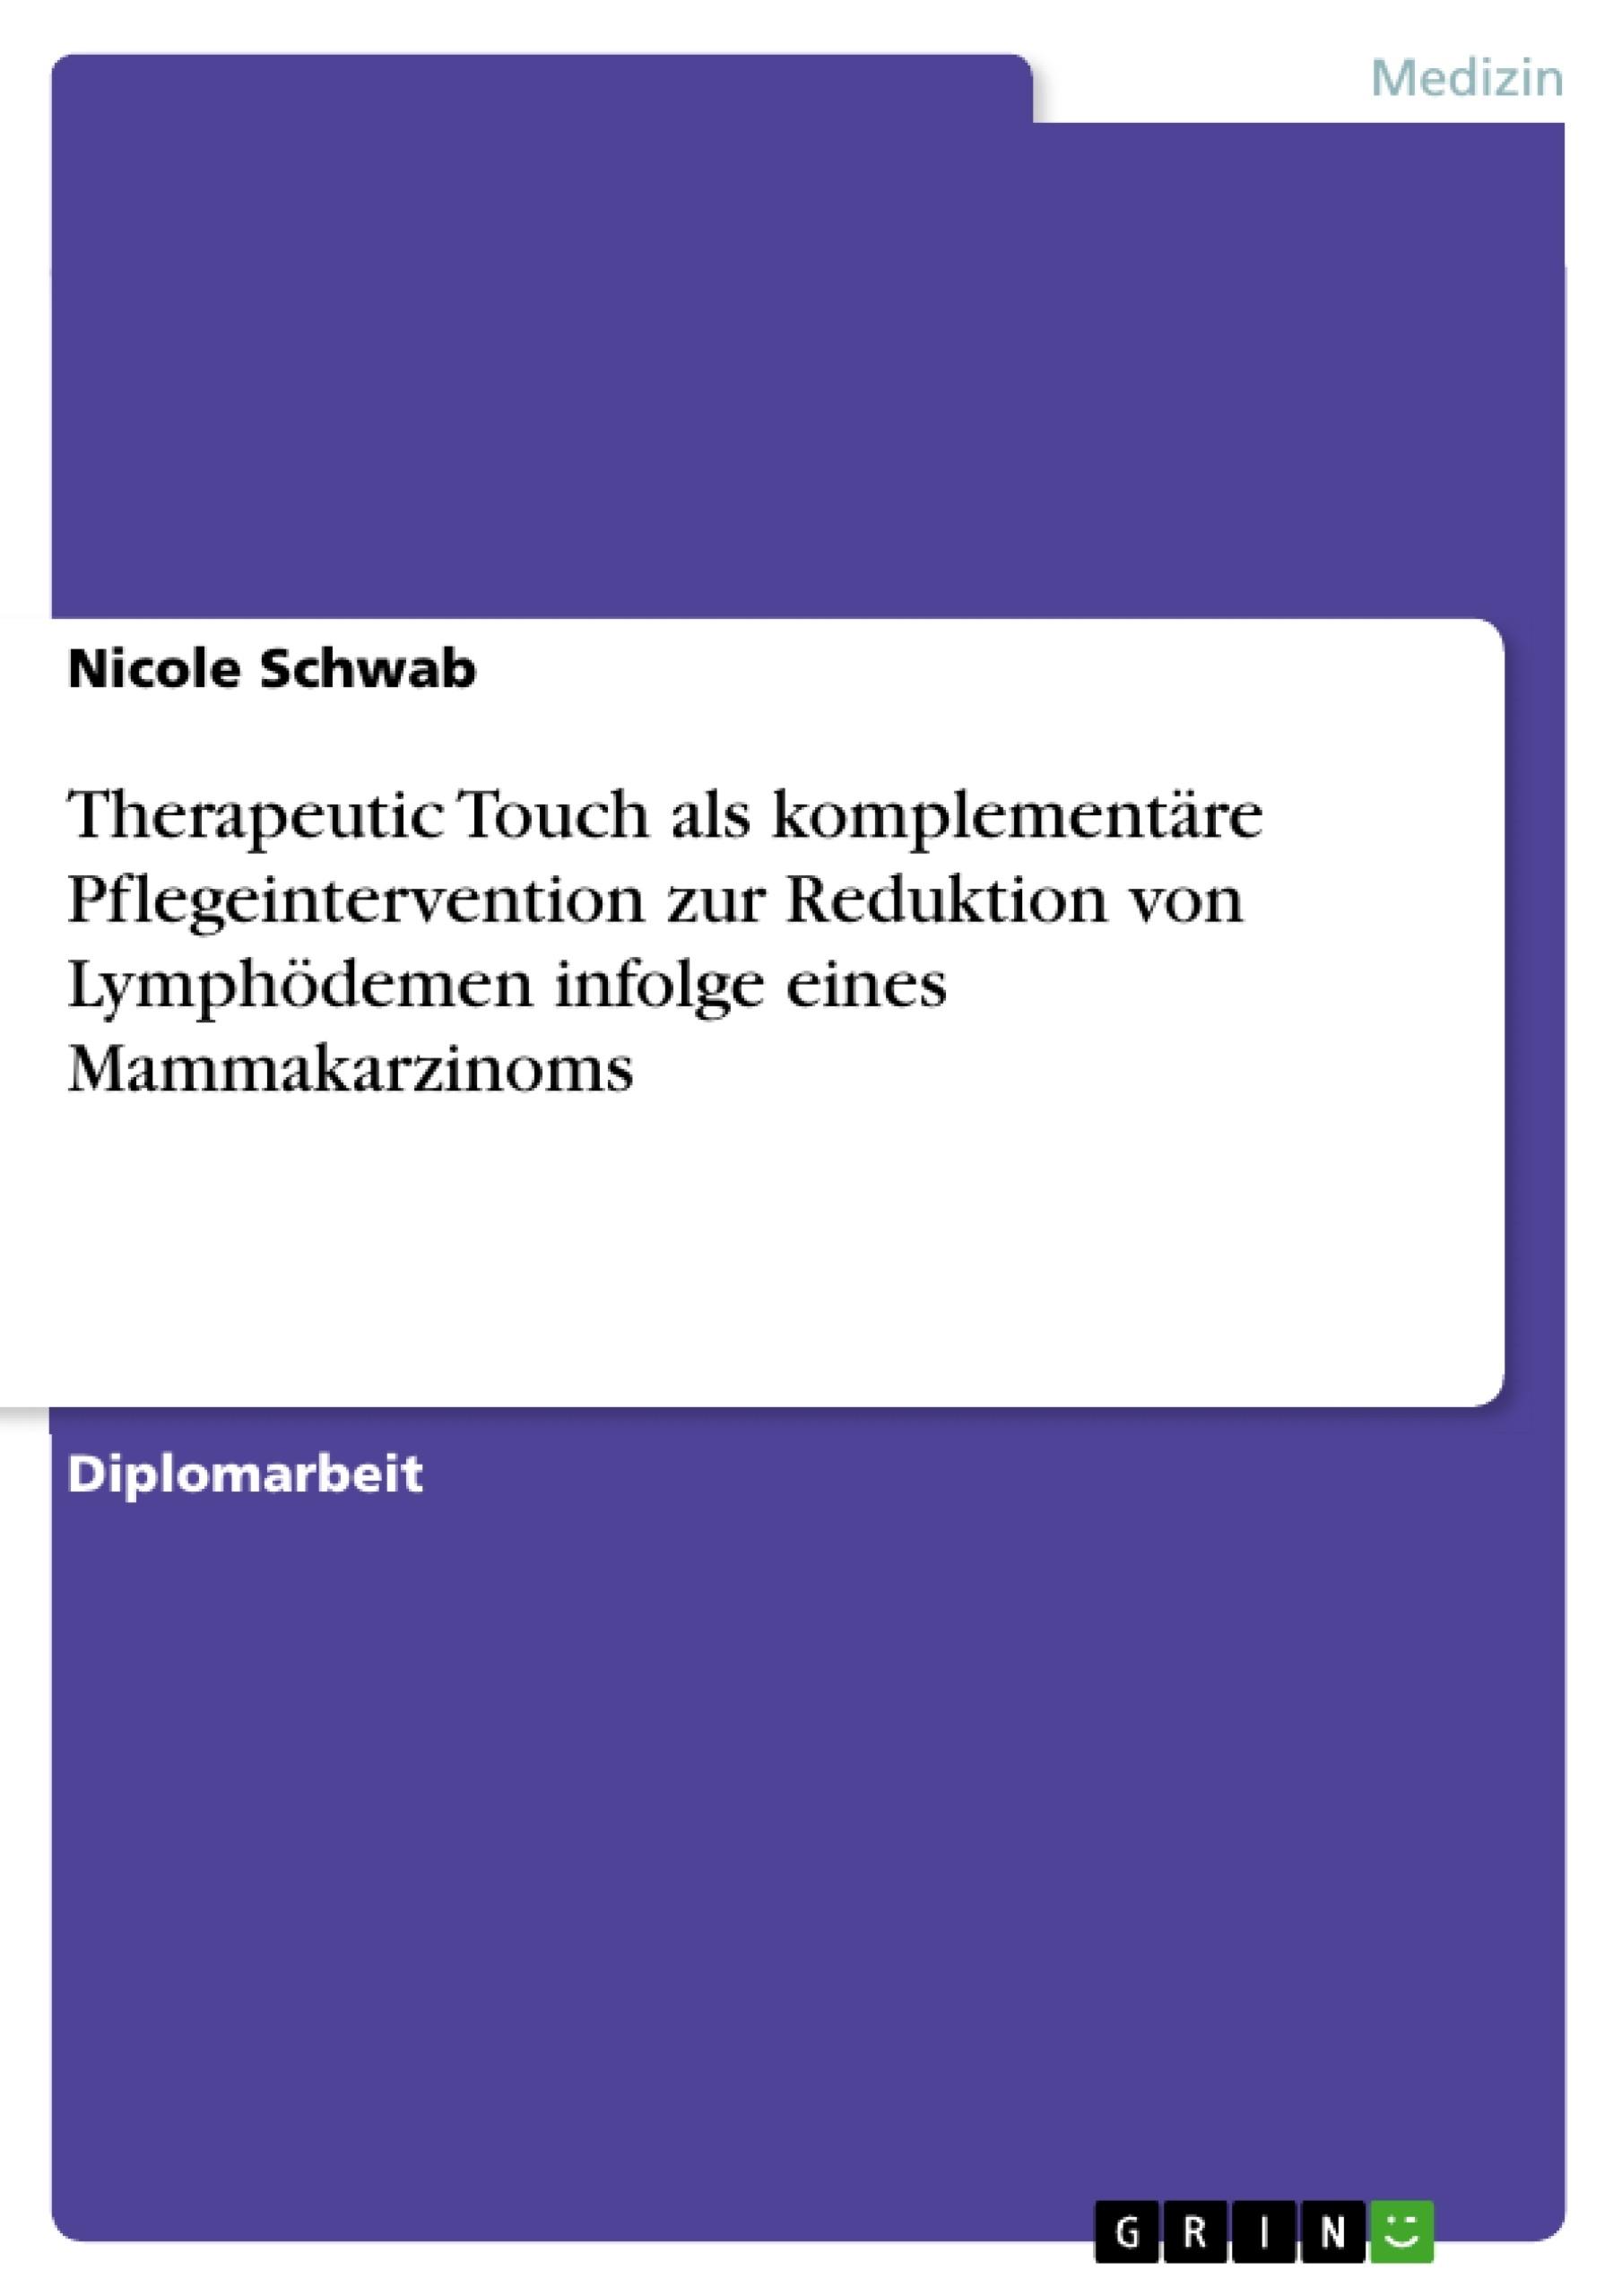 Titel: Therapeutic Touch als komplementäre Pflegeintervention zur Reduktion von Lymphödemen infolge eines Mammakarzinoms